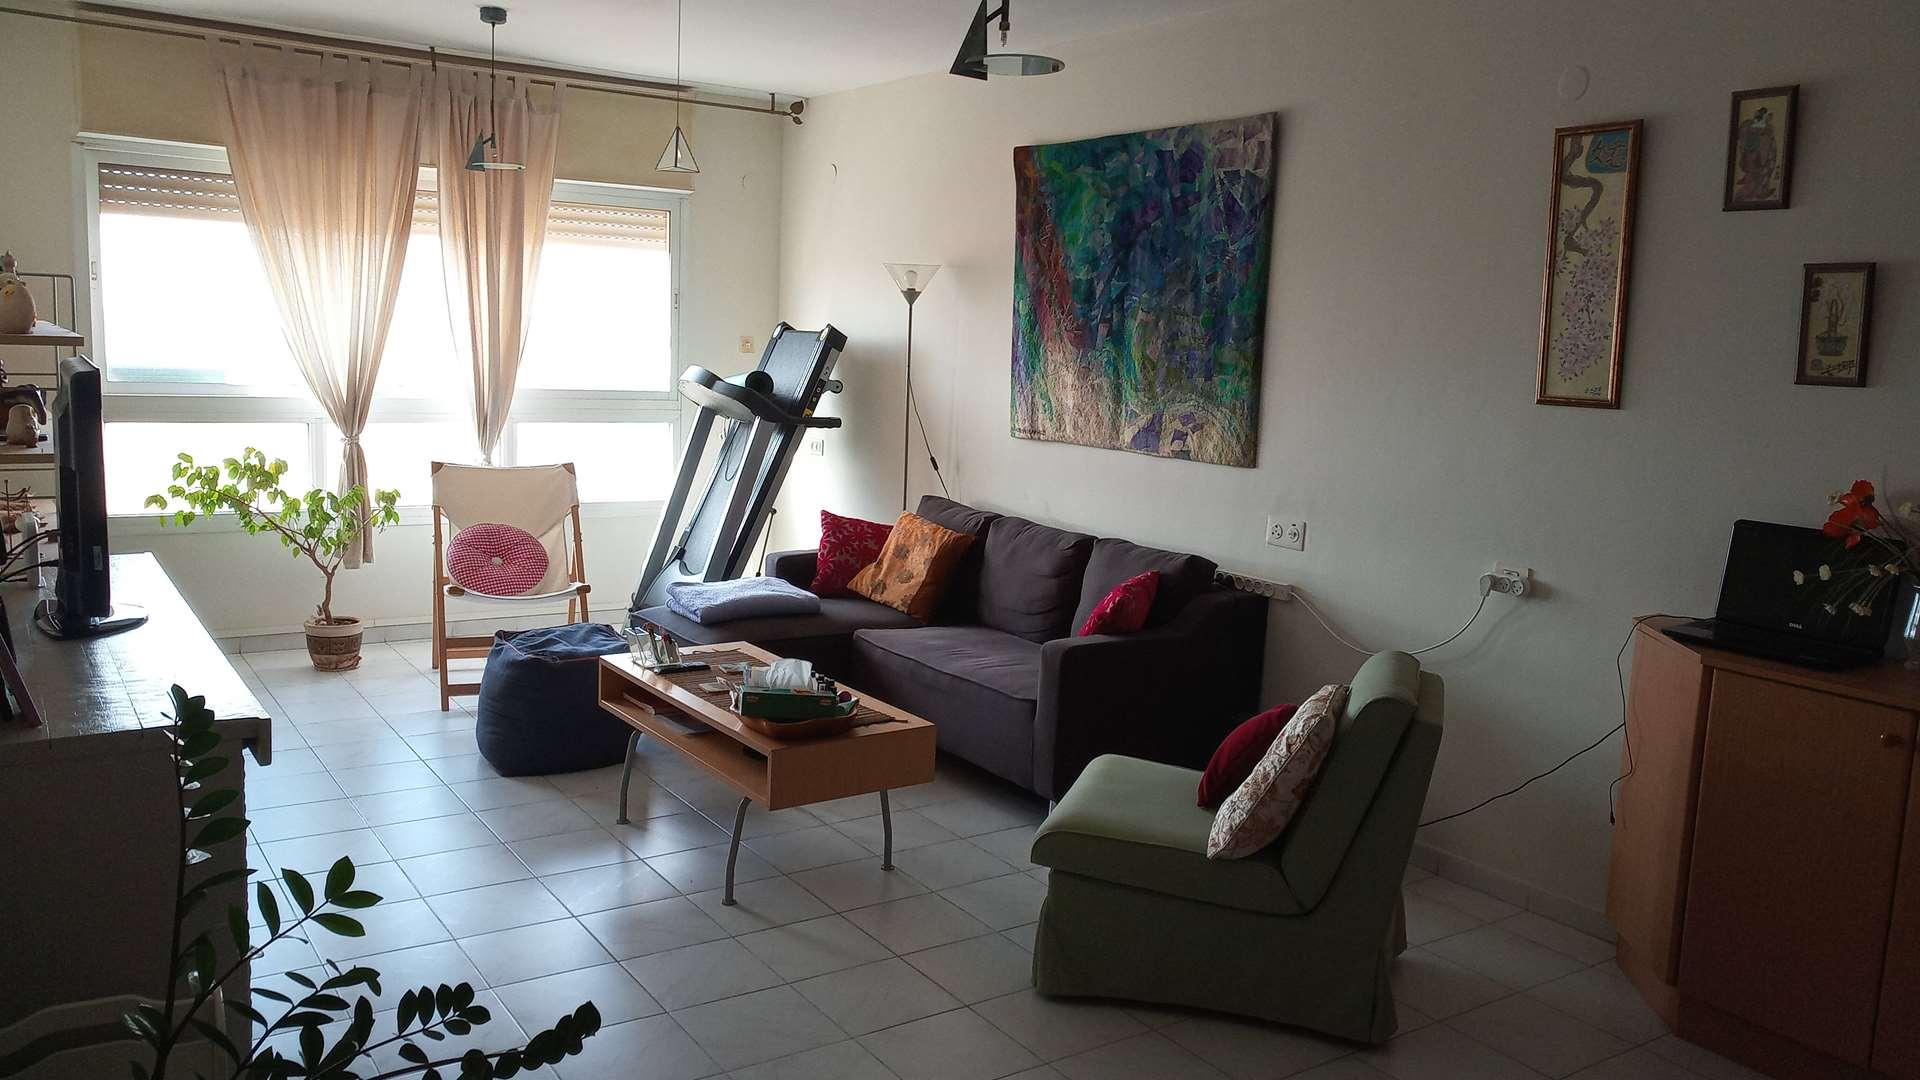 דירה למכירה 5 חדרים בבאר שבע שער הגיא ט